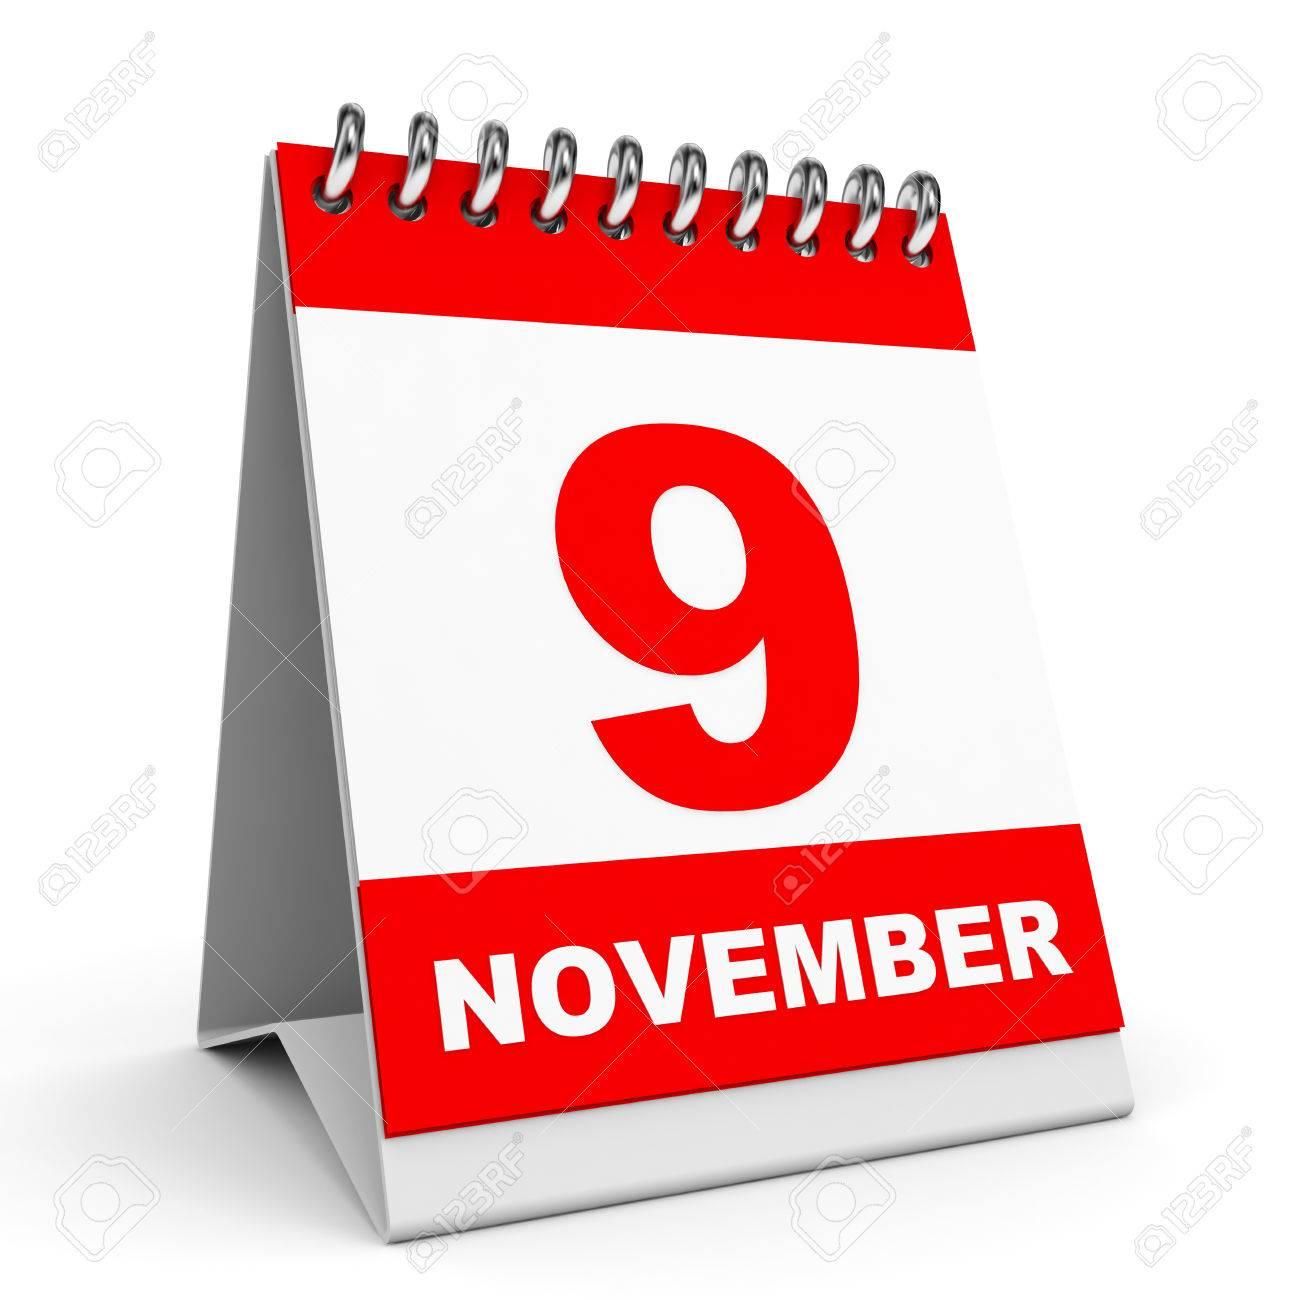 Image result for calendar pages November 9